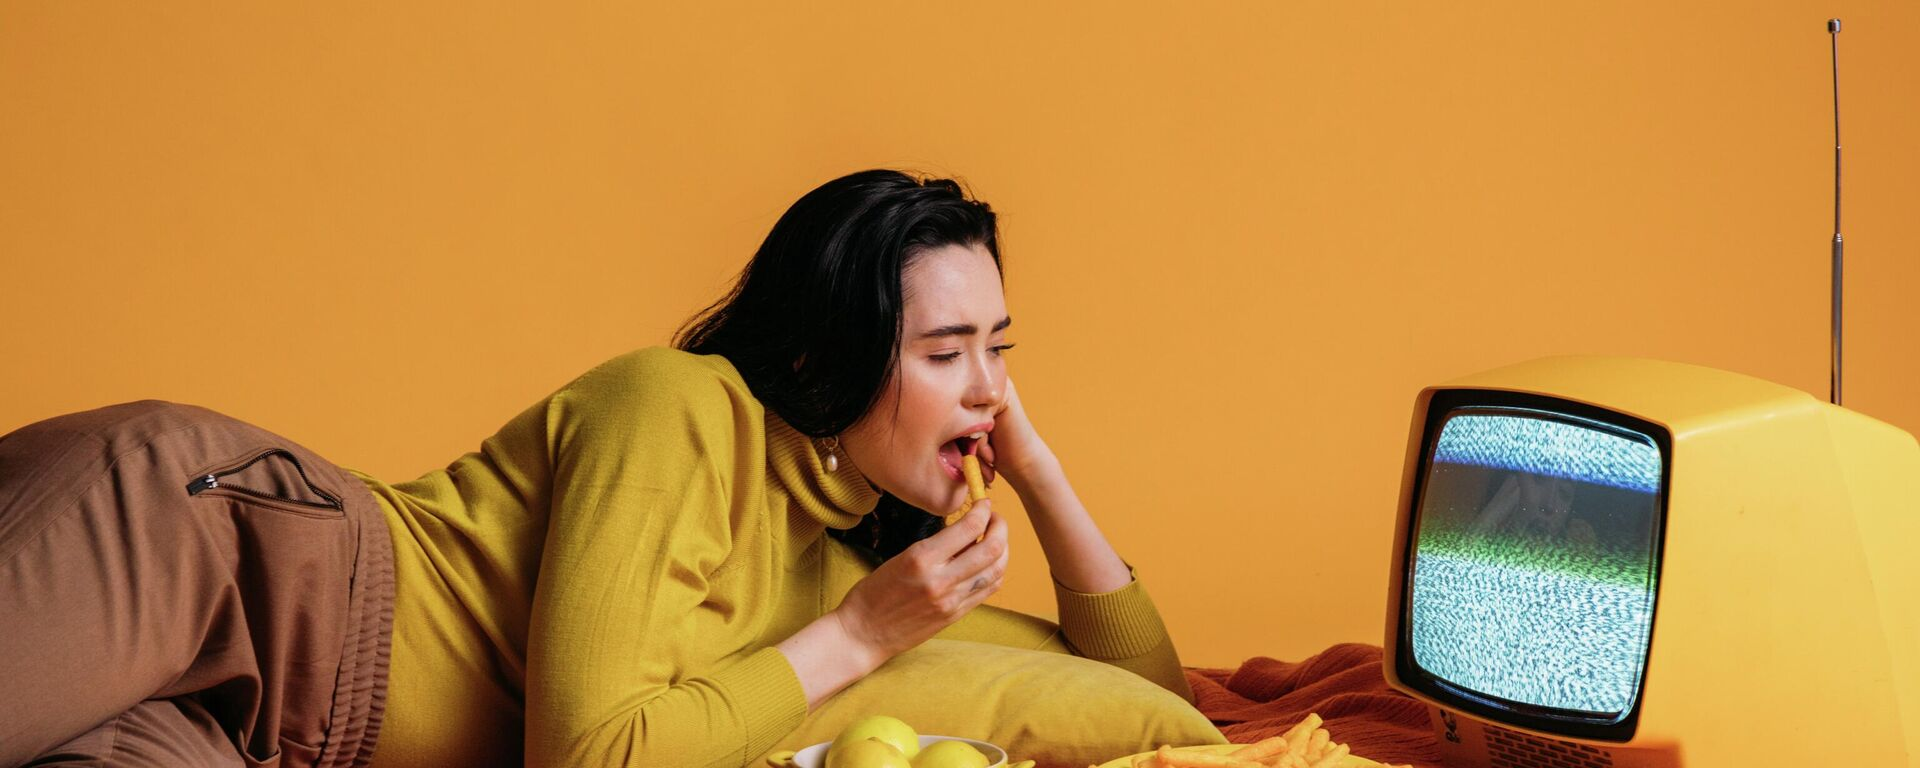 Una joven comiendo frente al televisor, imagen referencial - Sputnik Mundo, 1920, 03.09.2021